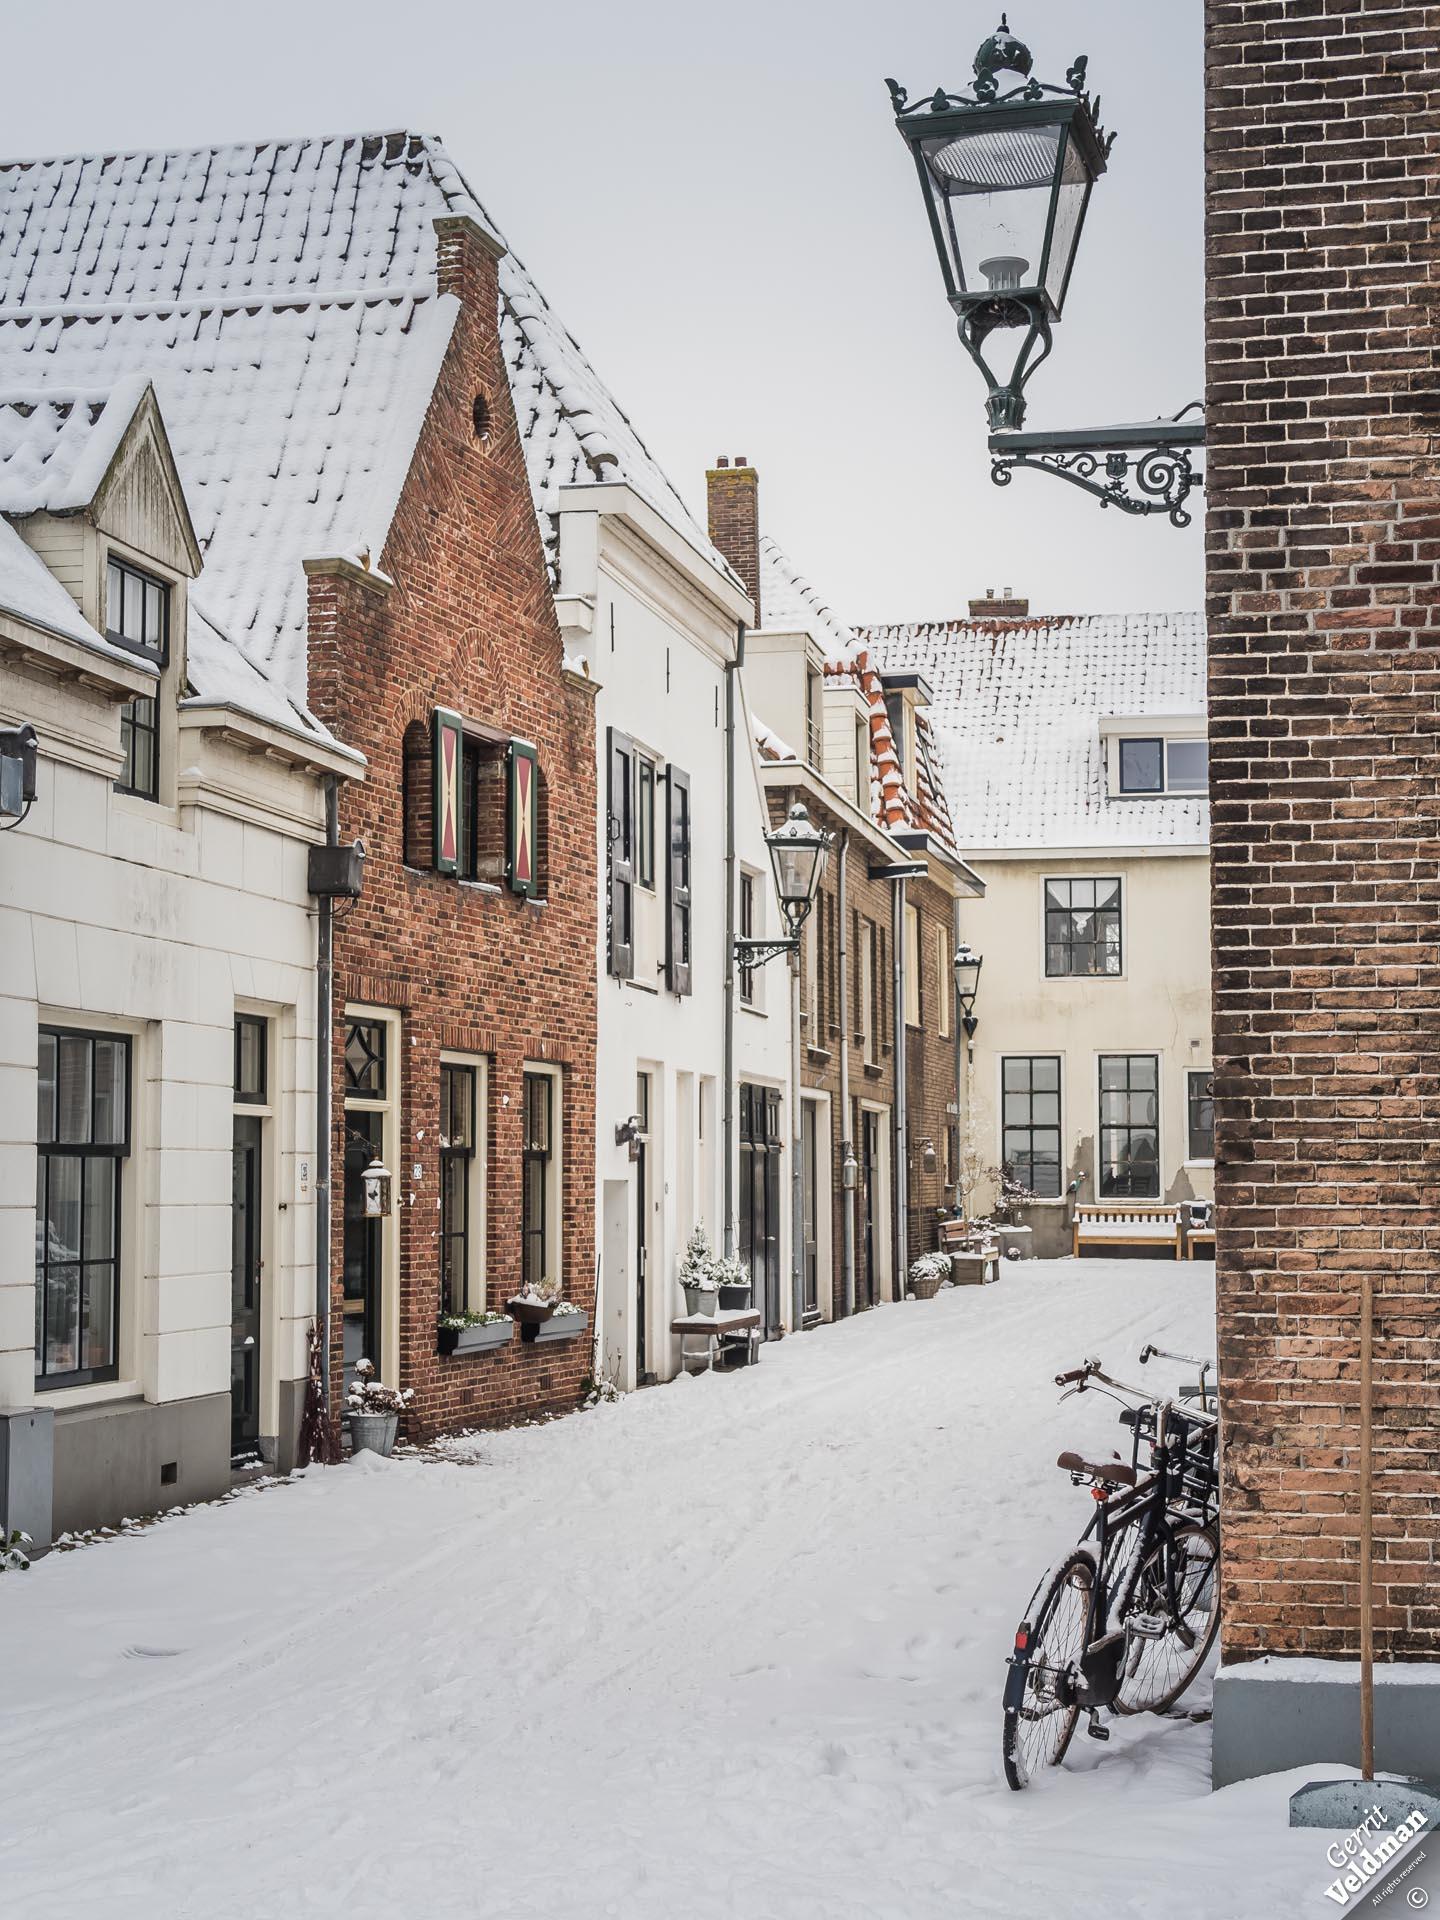 Sneeuw in de Keizerstraat